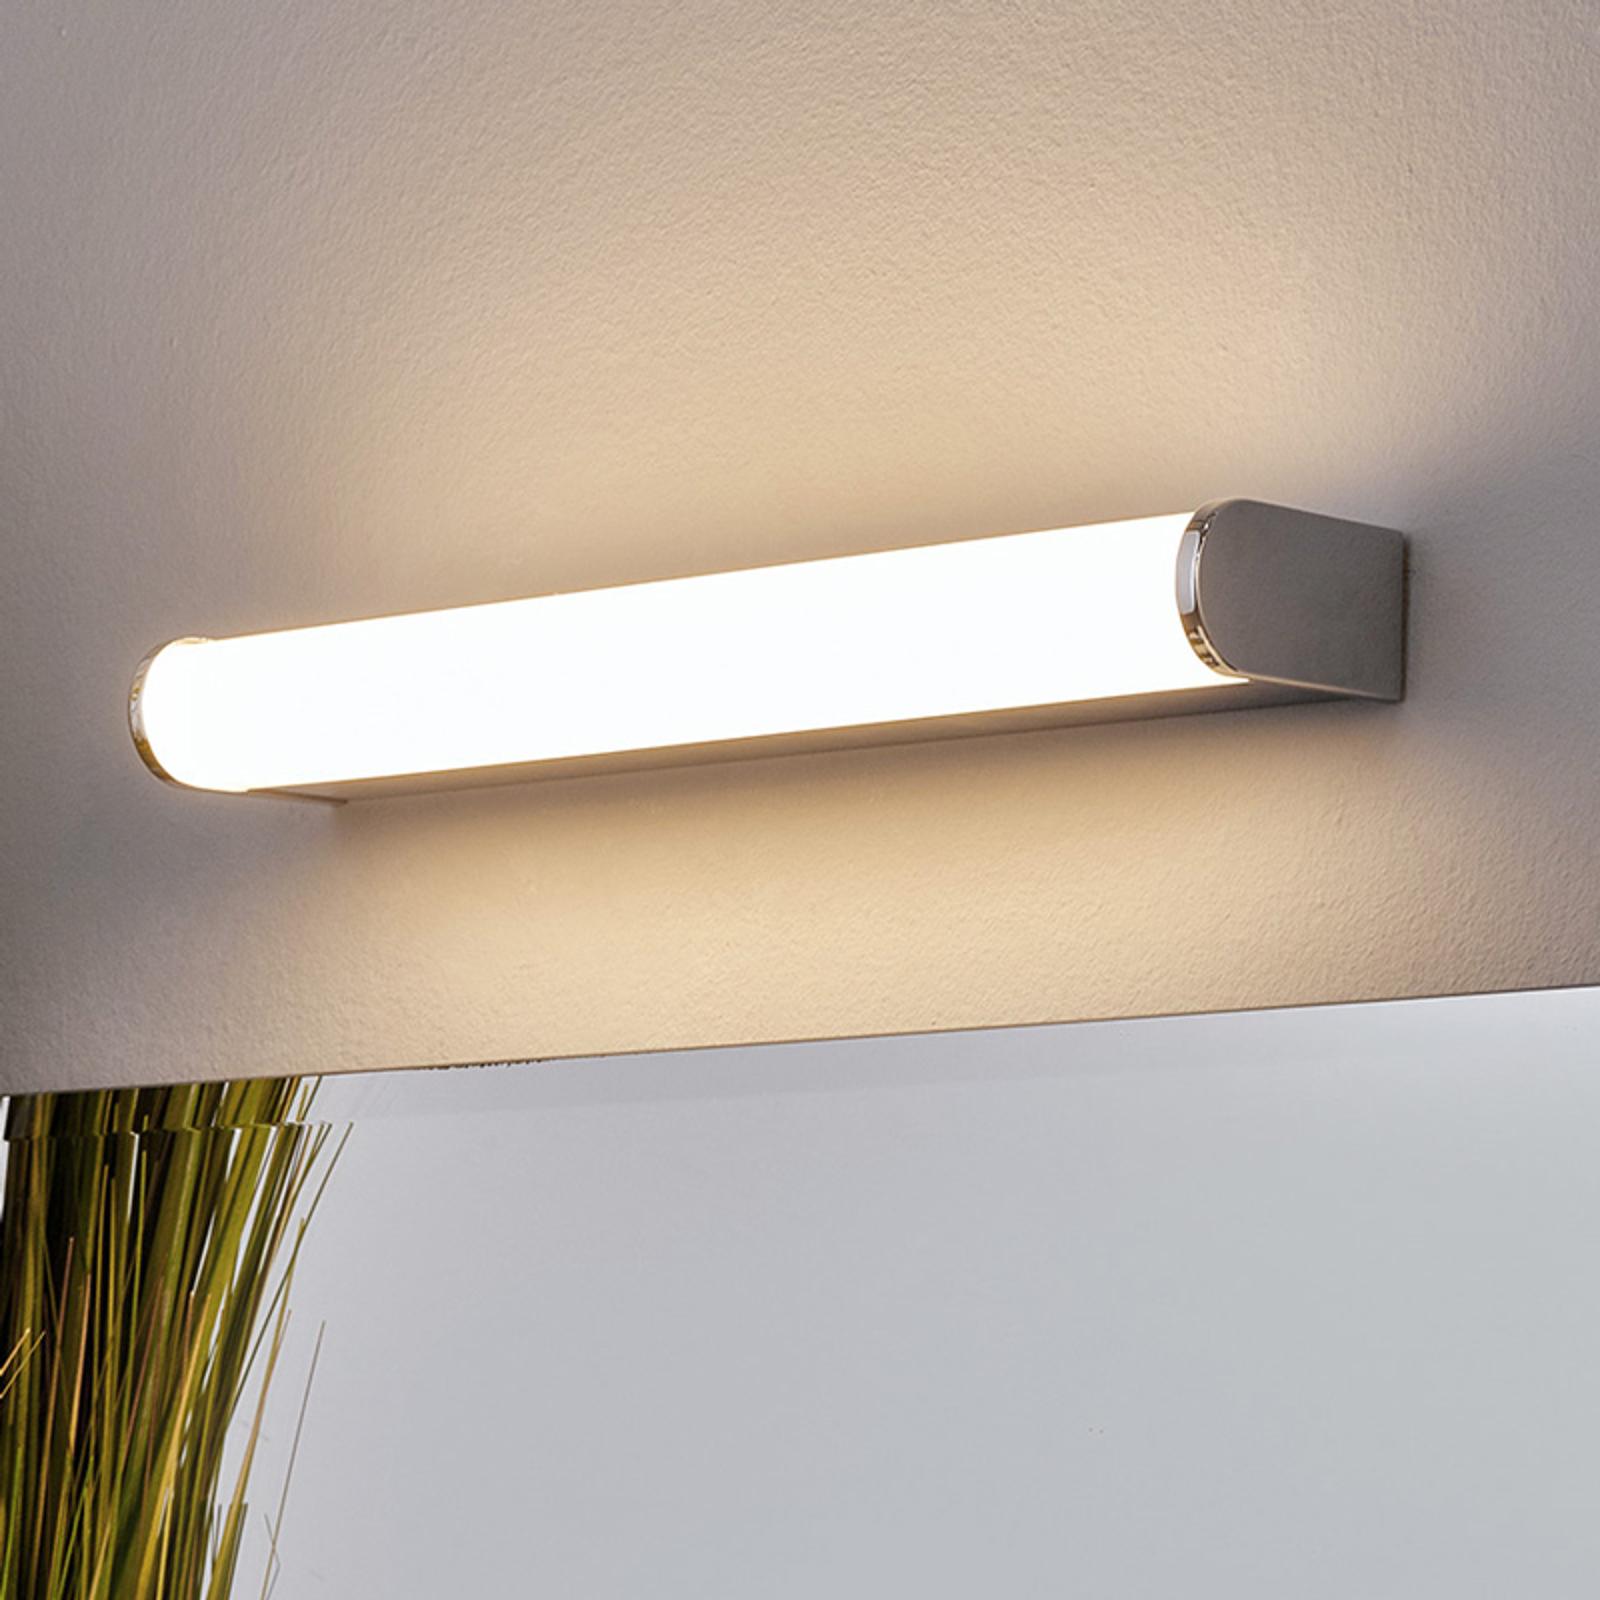 Oświetlenie lustra LED Philippa półokrągłe 32 cm